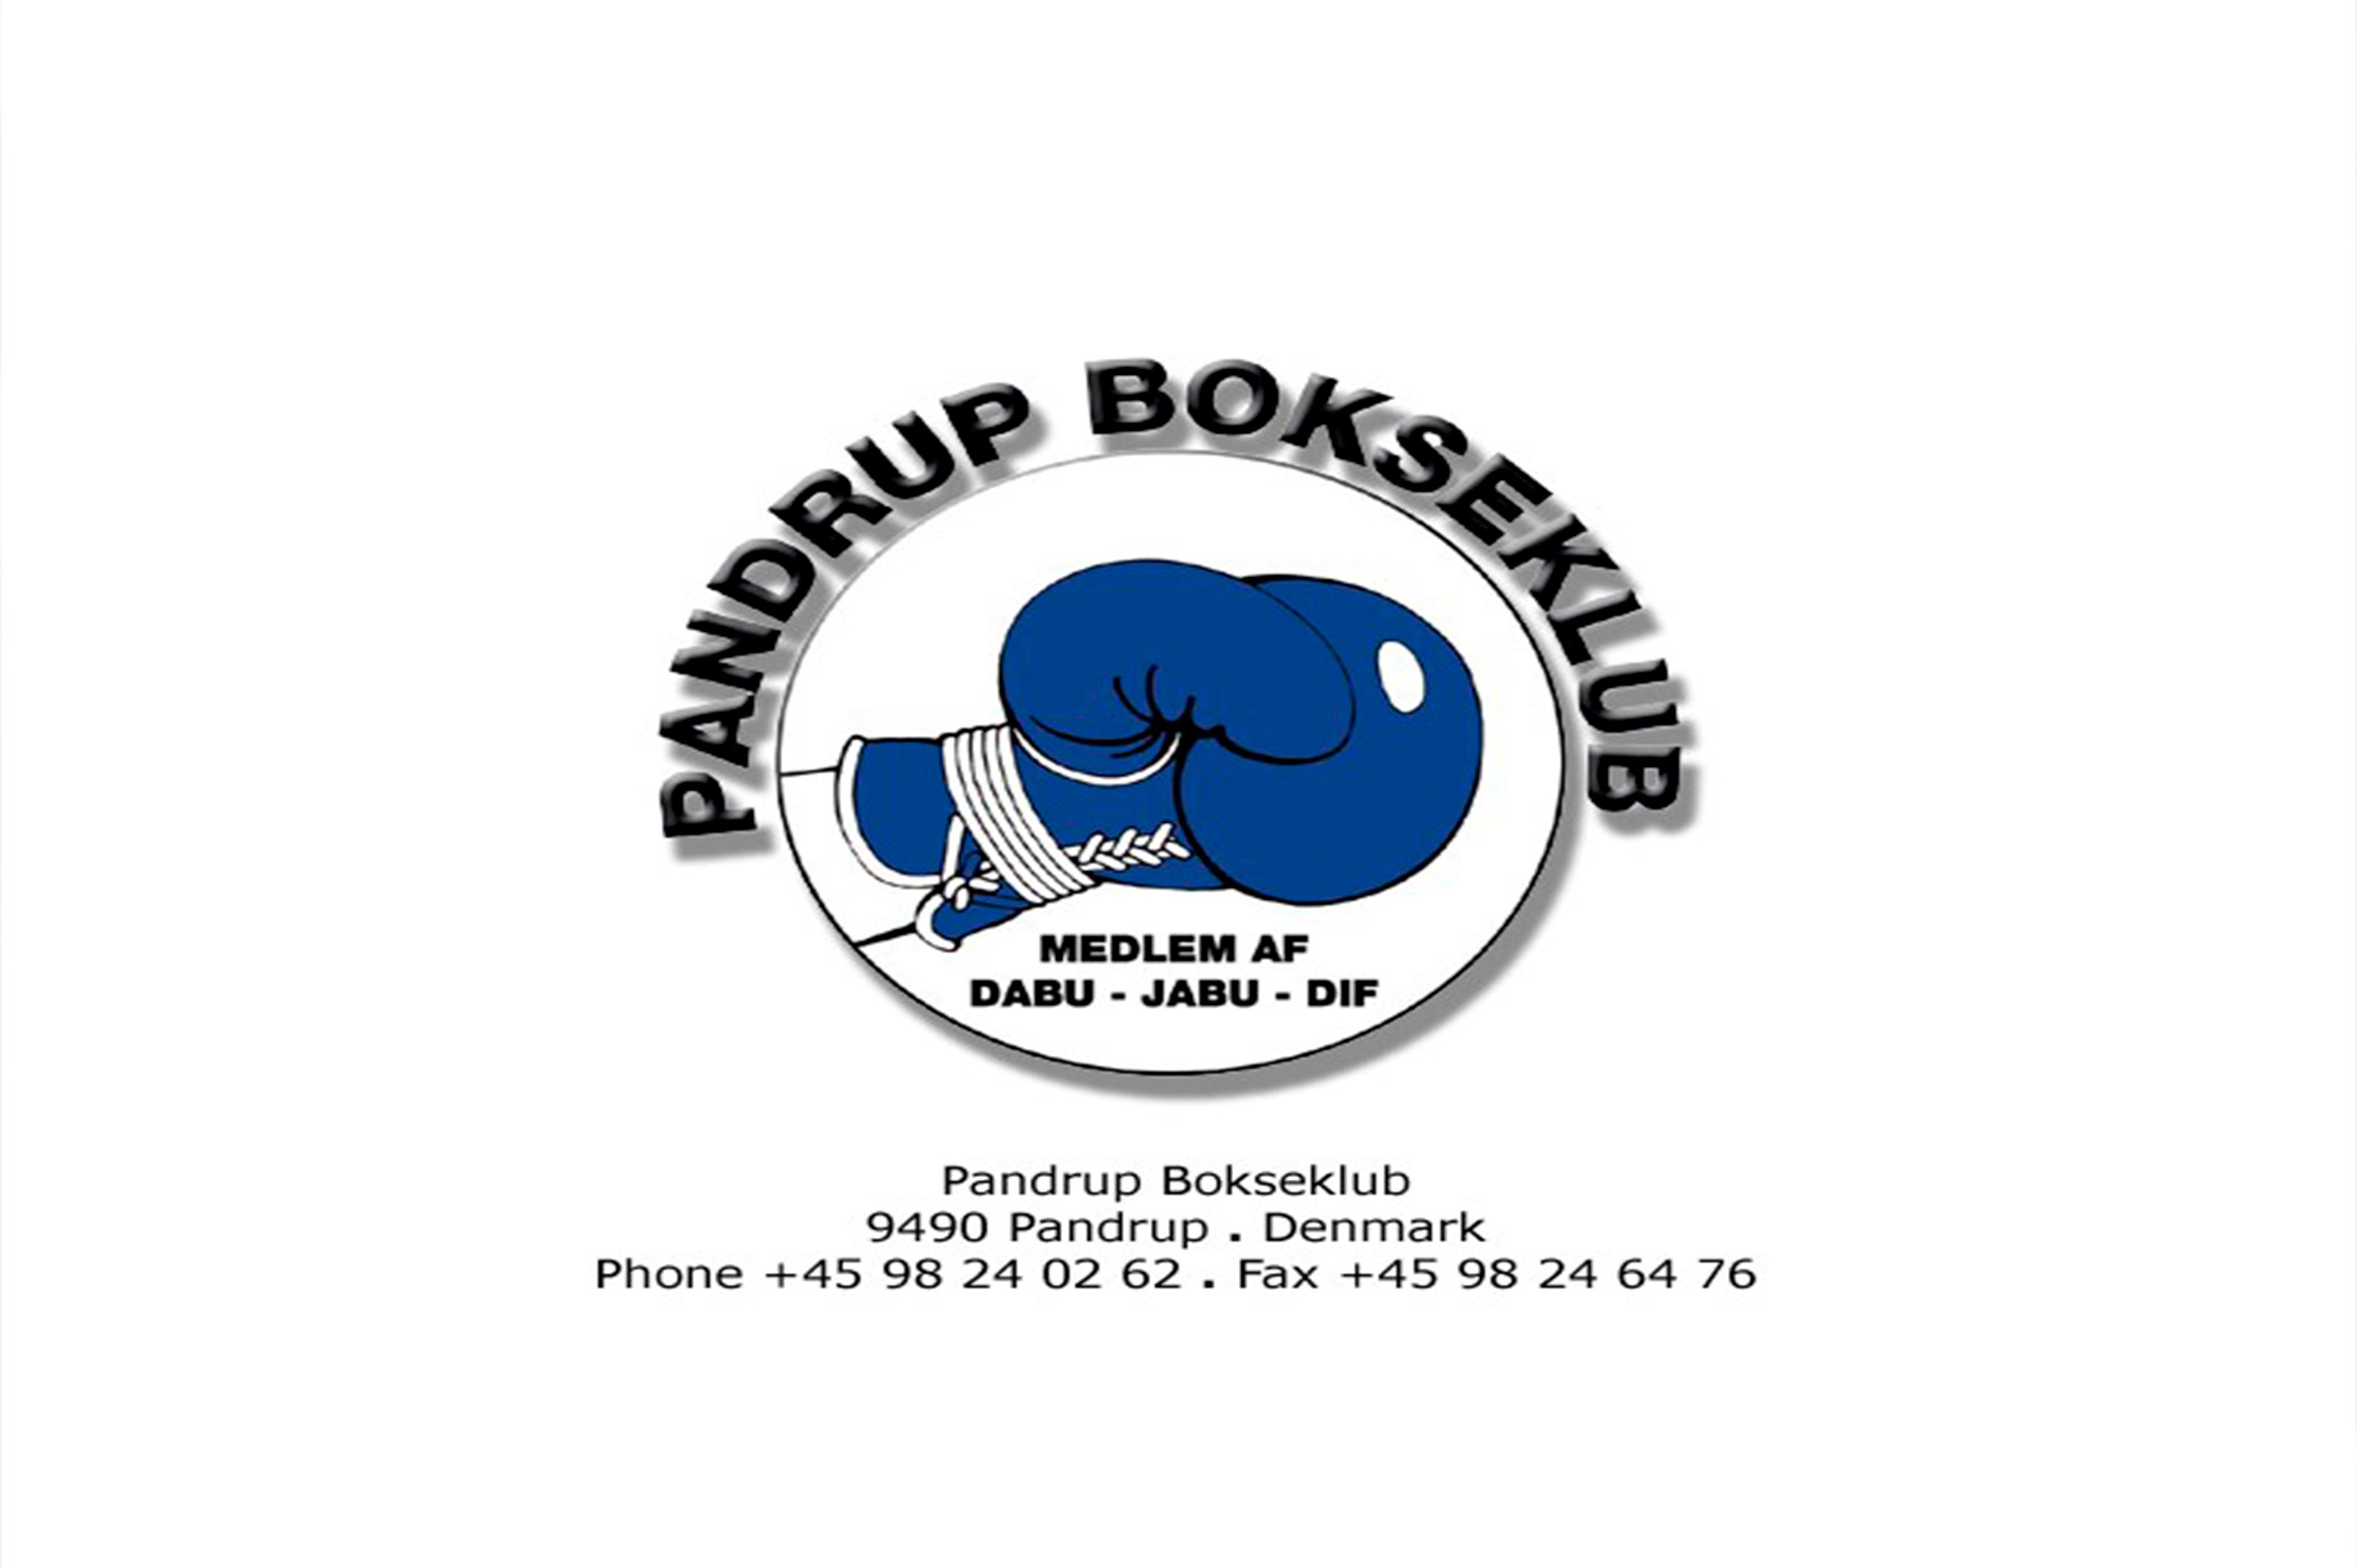 Pandrup Bokseklub